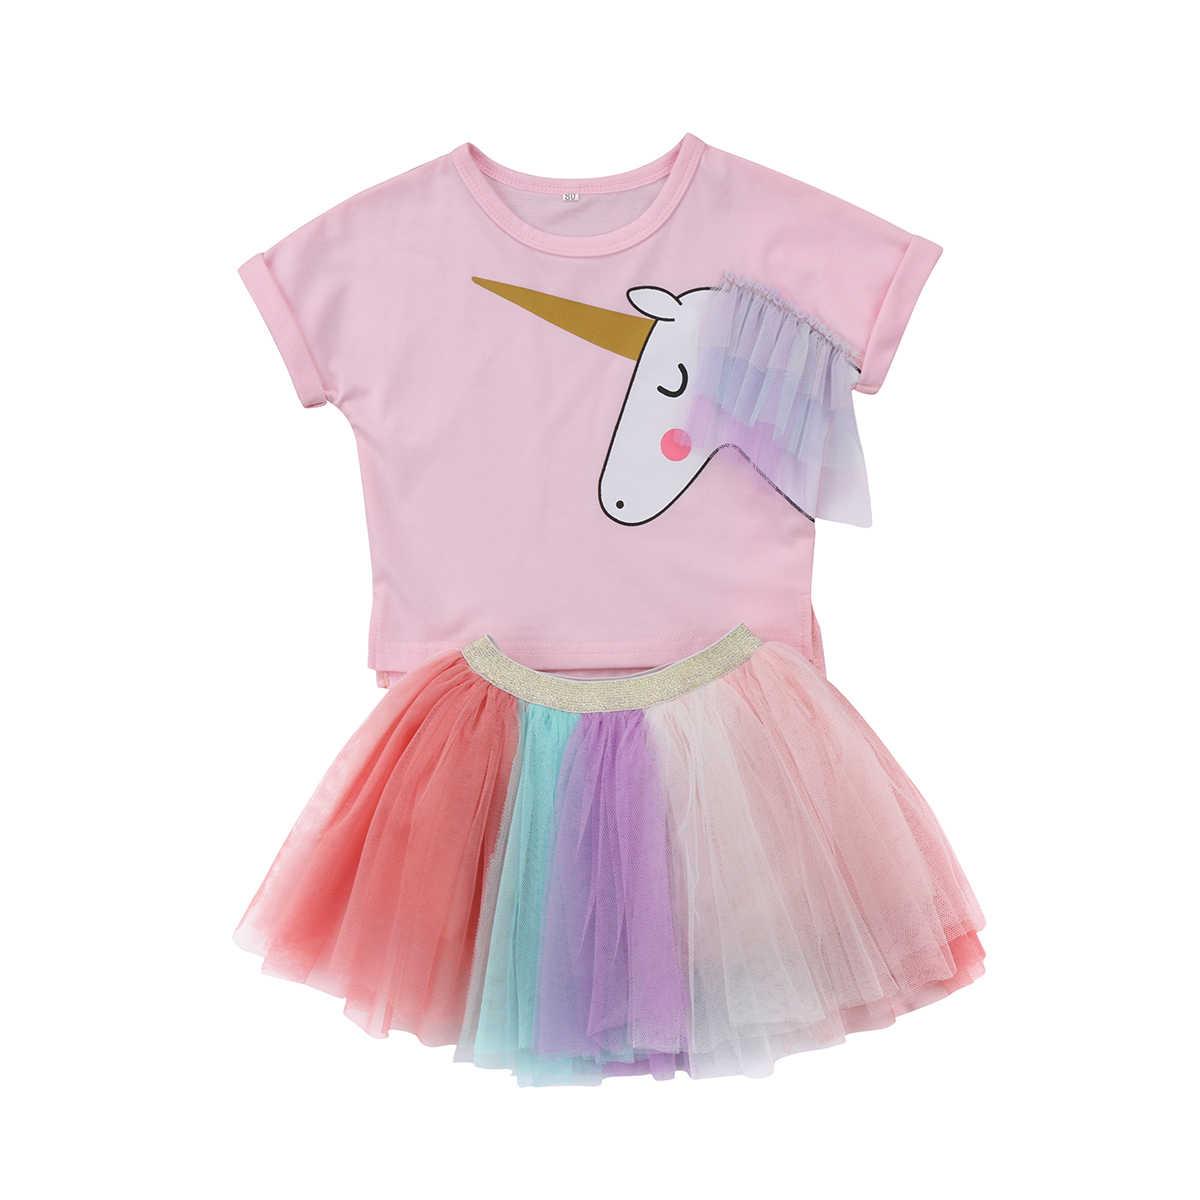 9e7940c61 2018 niños bebé niña unicornio Top de manga corta Camiseta de encaje tutú  falda de encaje